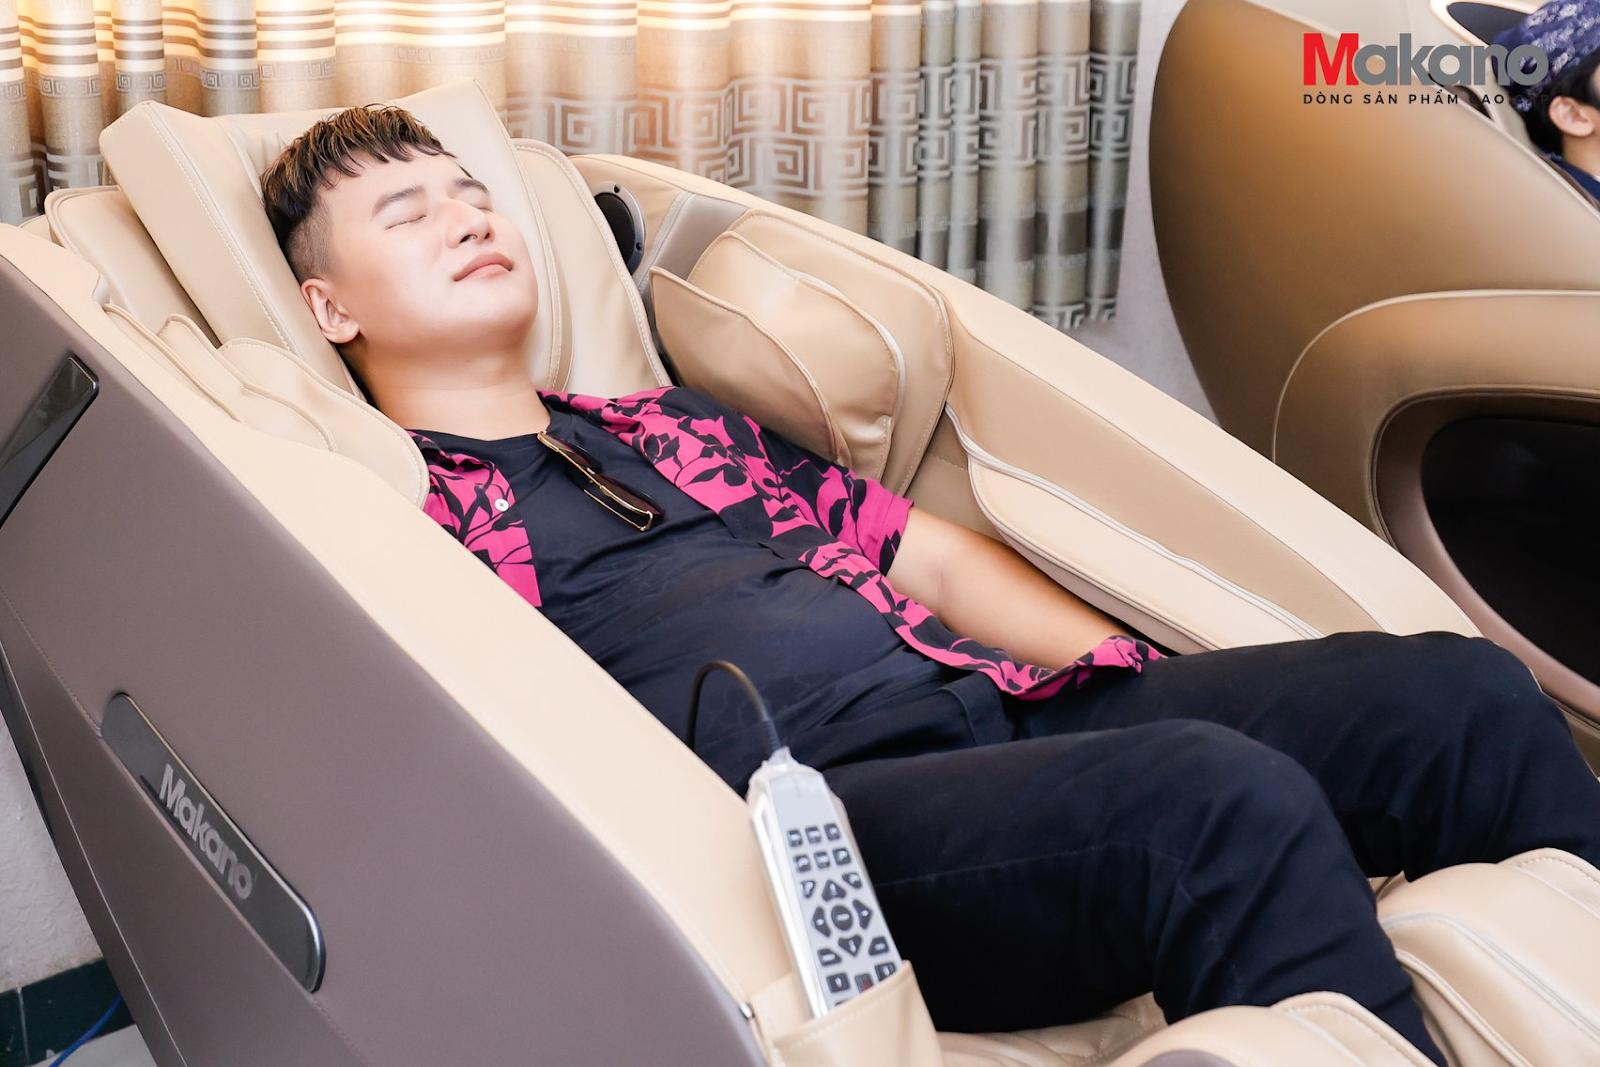 Ghế massage Daikiosan và Makano được các nghệ sĩ chương trình Ca sĩ Thần Tượng trải nghiệm và đánh giá cao